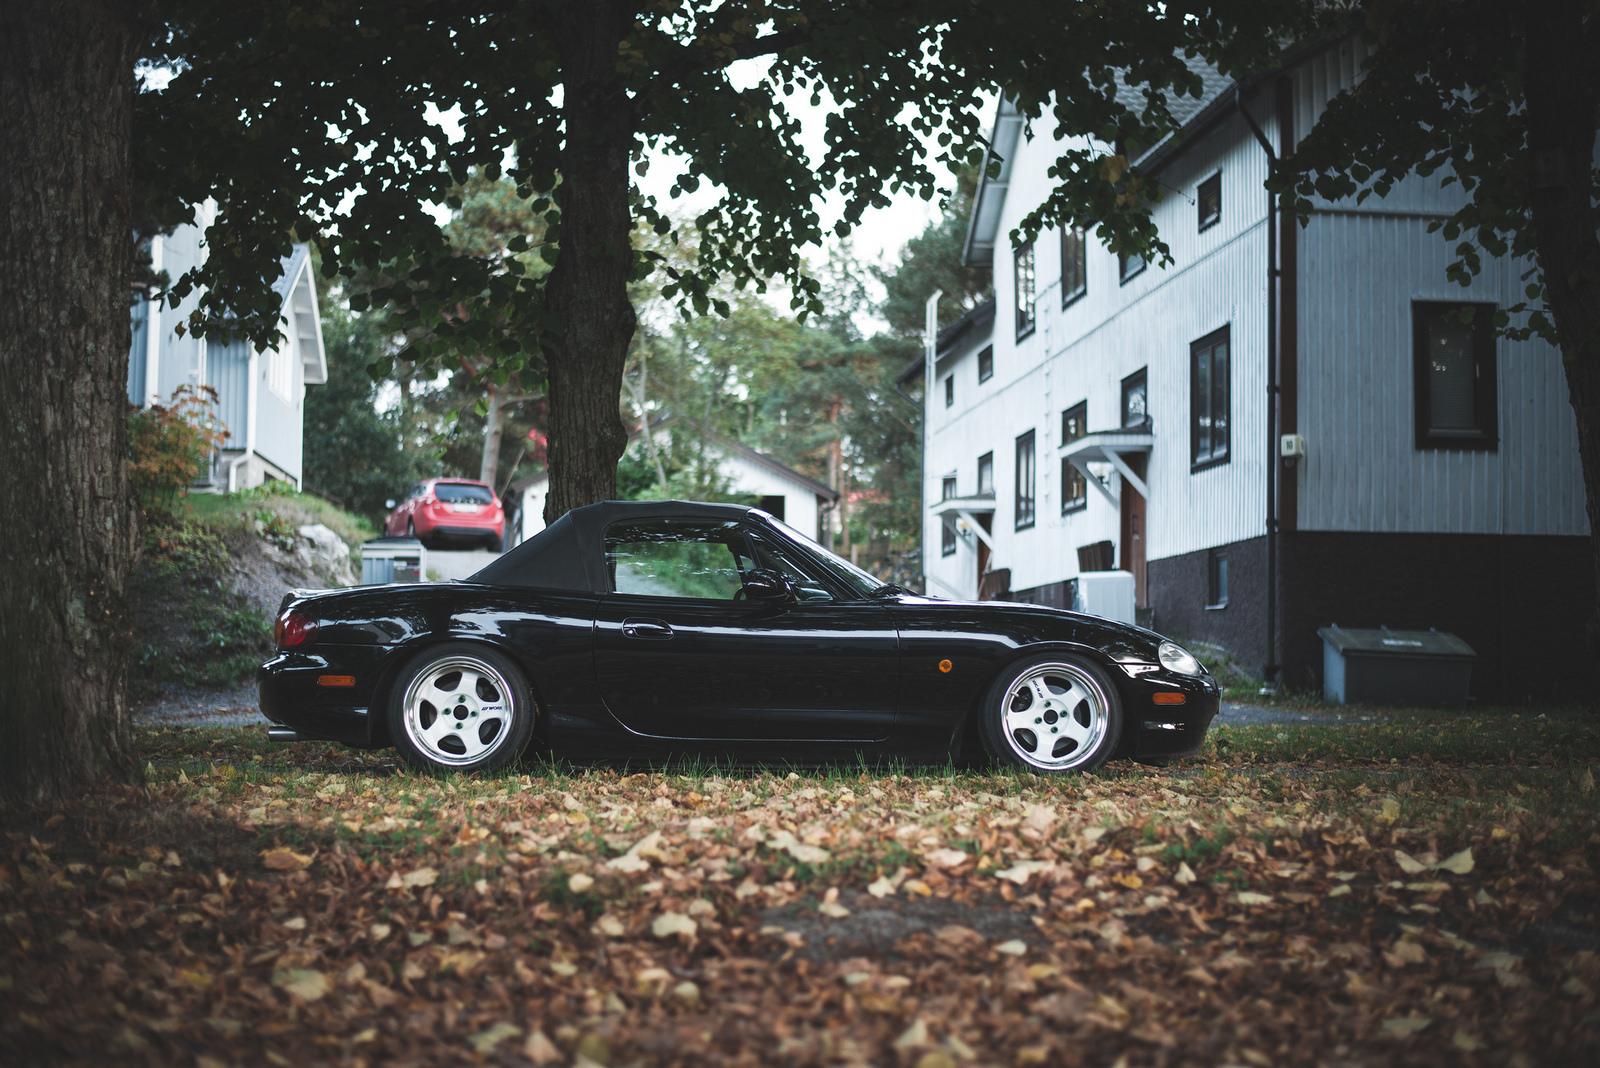 Kuvia käyttäjien autoista - Sivu 6 Ri54wx